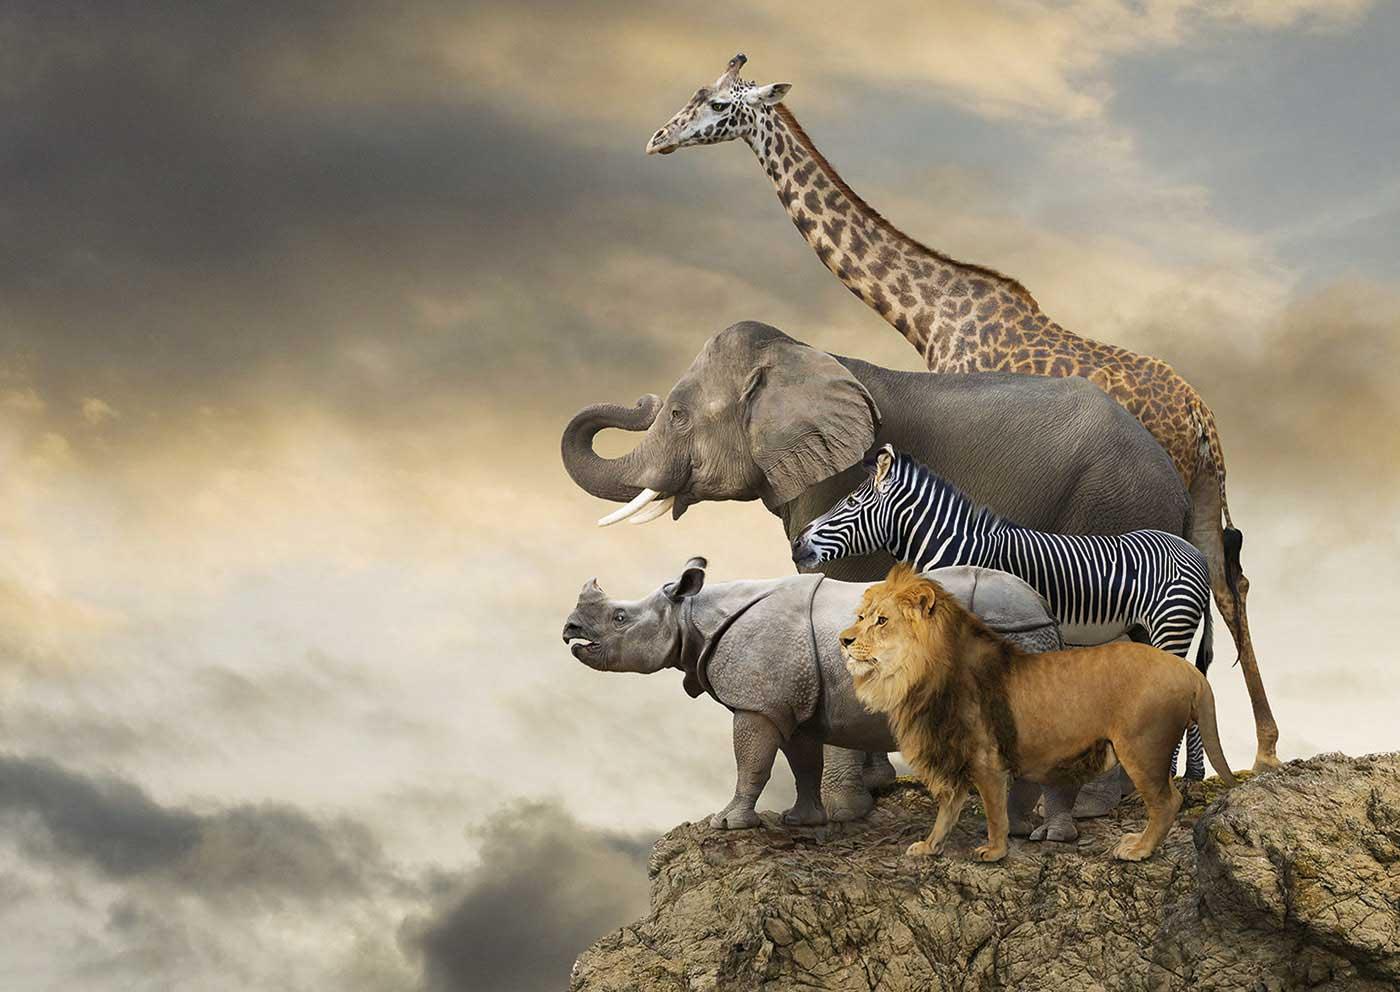 Puzzle Educa Animales al Borde del Abismo de 500 Piezas